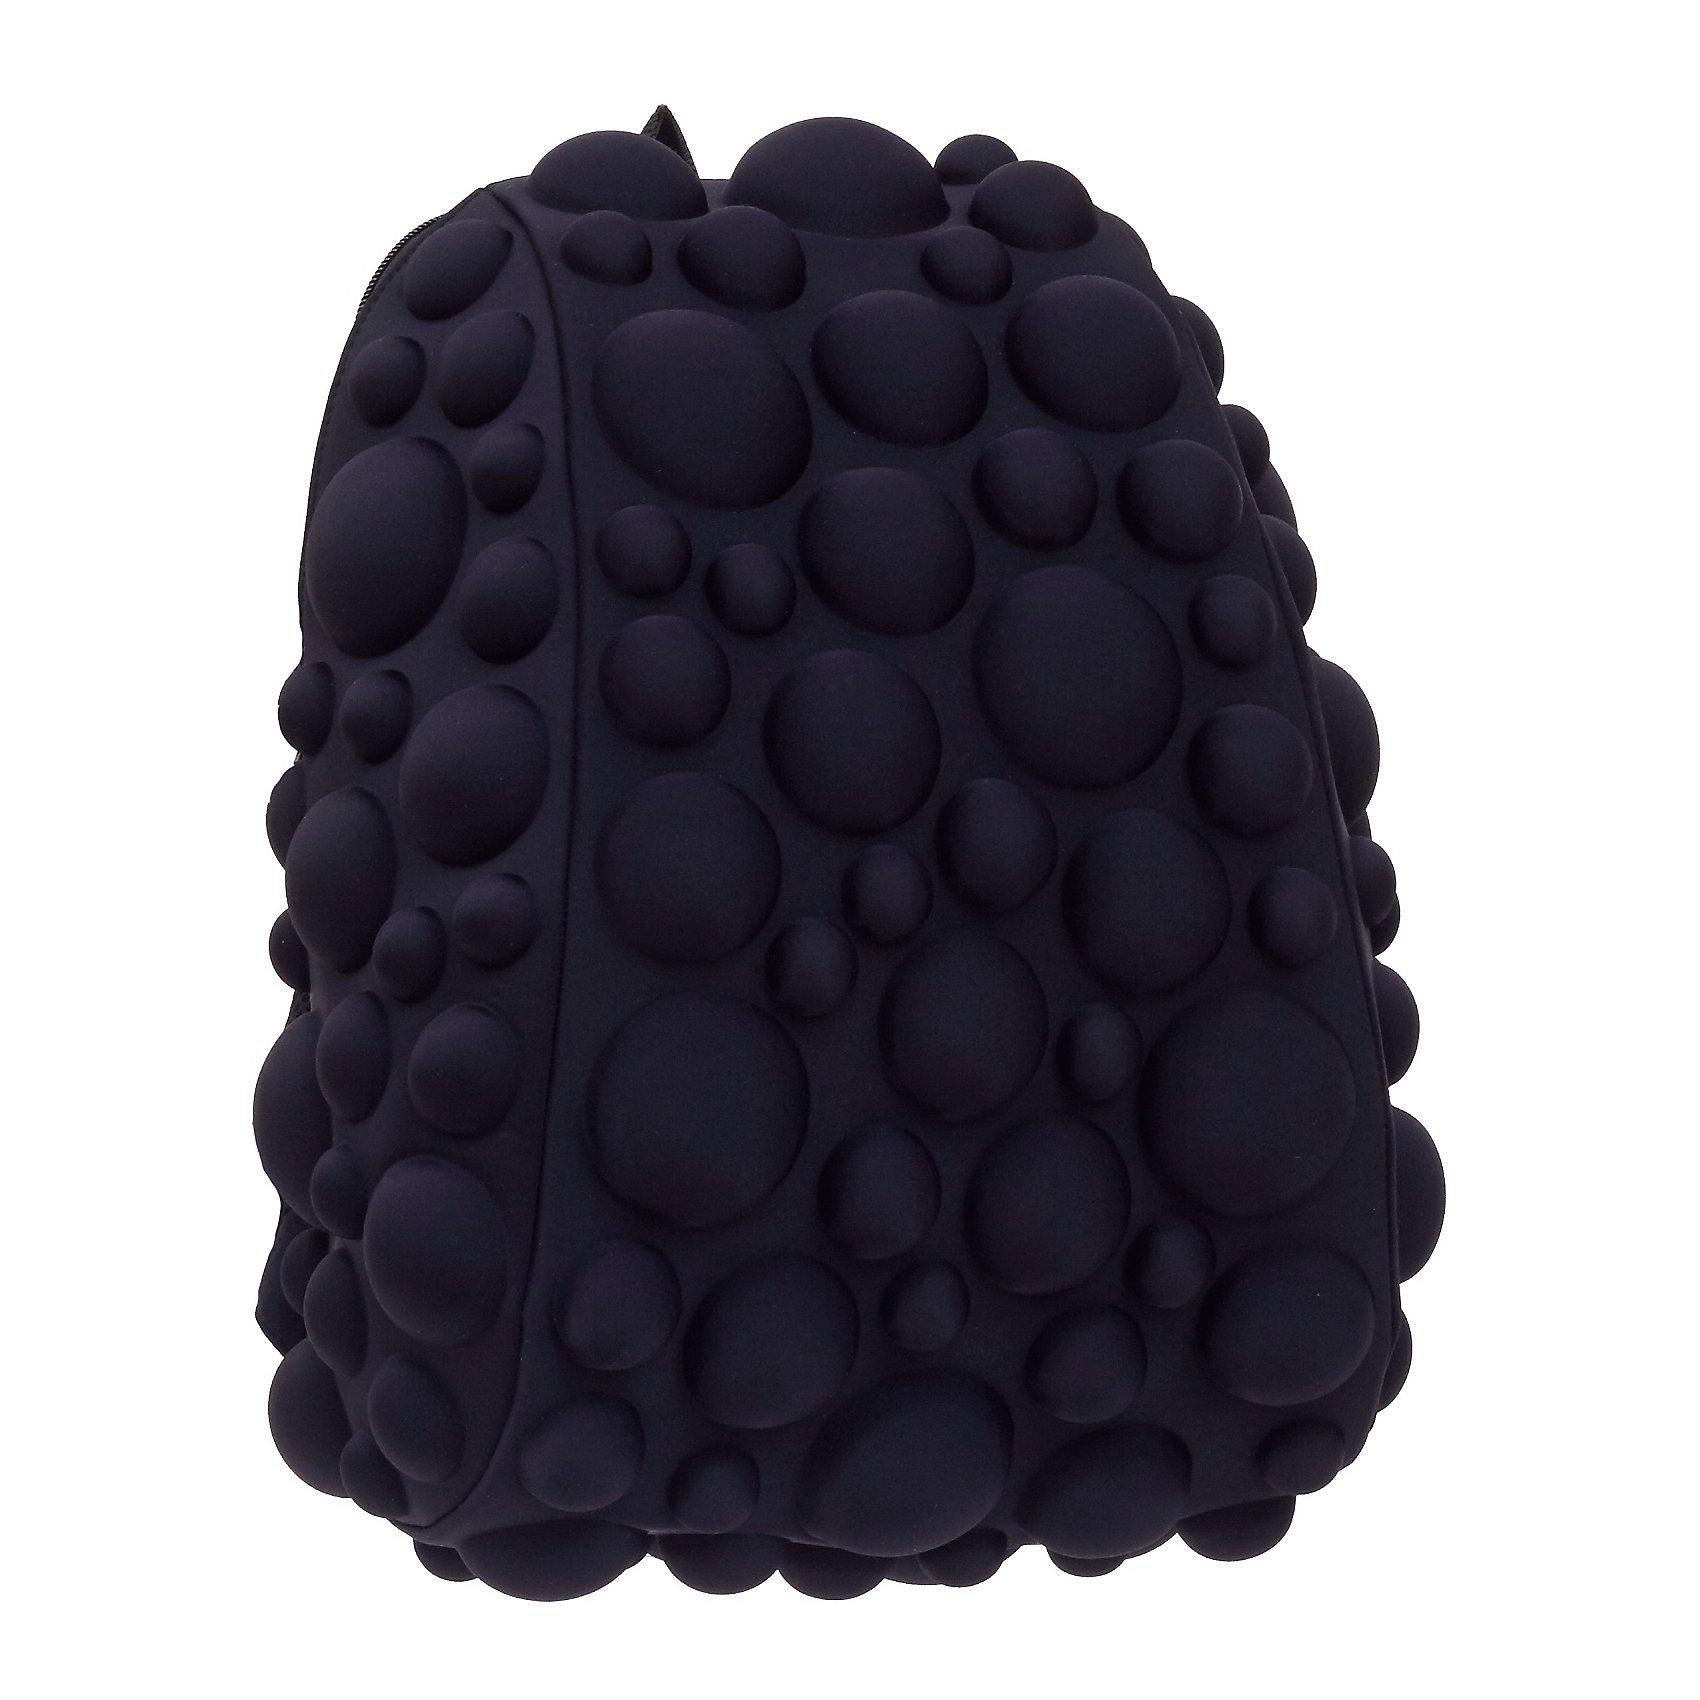 Рюкзак Bubble Half, цвет NEON черныйЛегкий и вместительный рюкзак с одним основным отделением с застежкой на молниии. В основное отделение с легкостью входит ноутбук  размером диагонали 13 дюймов, iPad и формат А4. Незаменимый аксессуар как для активного городского жителя, так и для школьников и студентов. Широкие лямки можно регулировать для наиболее удобной посадки, а мягкая ортопедическая спинка делает ношение наиболее удобным и комфортным.<br><br>Ширина мм: 36<br>Глубина мм: 31<br>Высота мм: 15<br>Вес г: 600<br>Возраст от месяцев: 84<br>Возраст до месяцев: 420<br>Пол: Унисекс<br>Возраст: Детский<br>SKU: 5344322